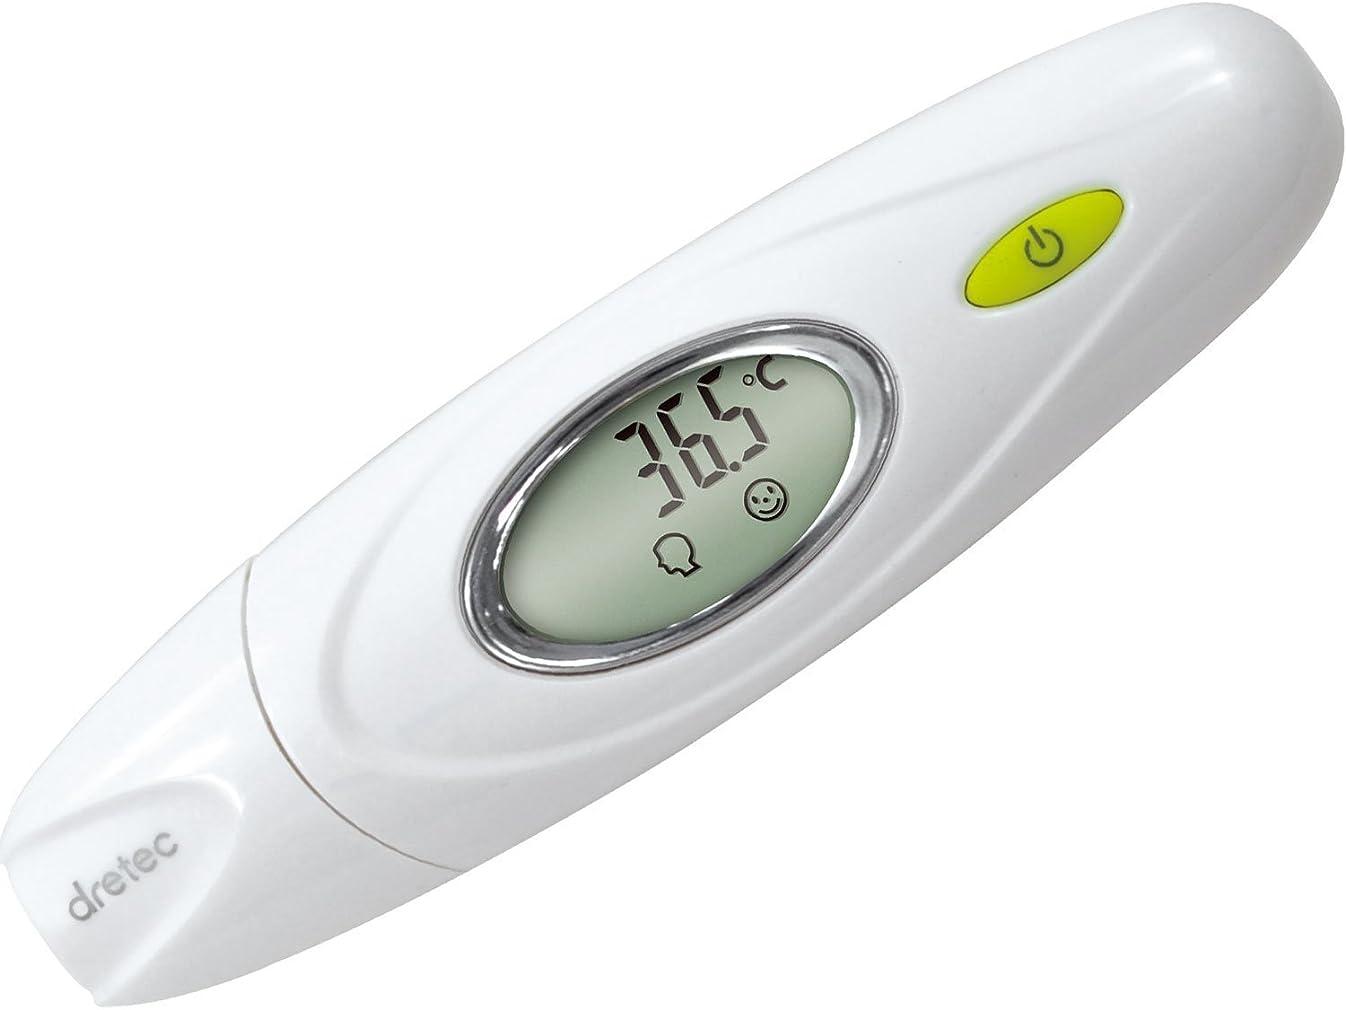 何か脚本家分類dretec(ドリテック) 体温計 赤外線 赤ちゃん お年寄り 検温時間2秒 おでこ 耳 TO-300WT (ホワイト)